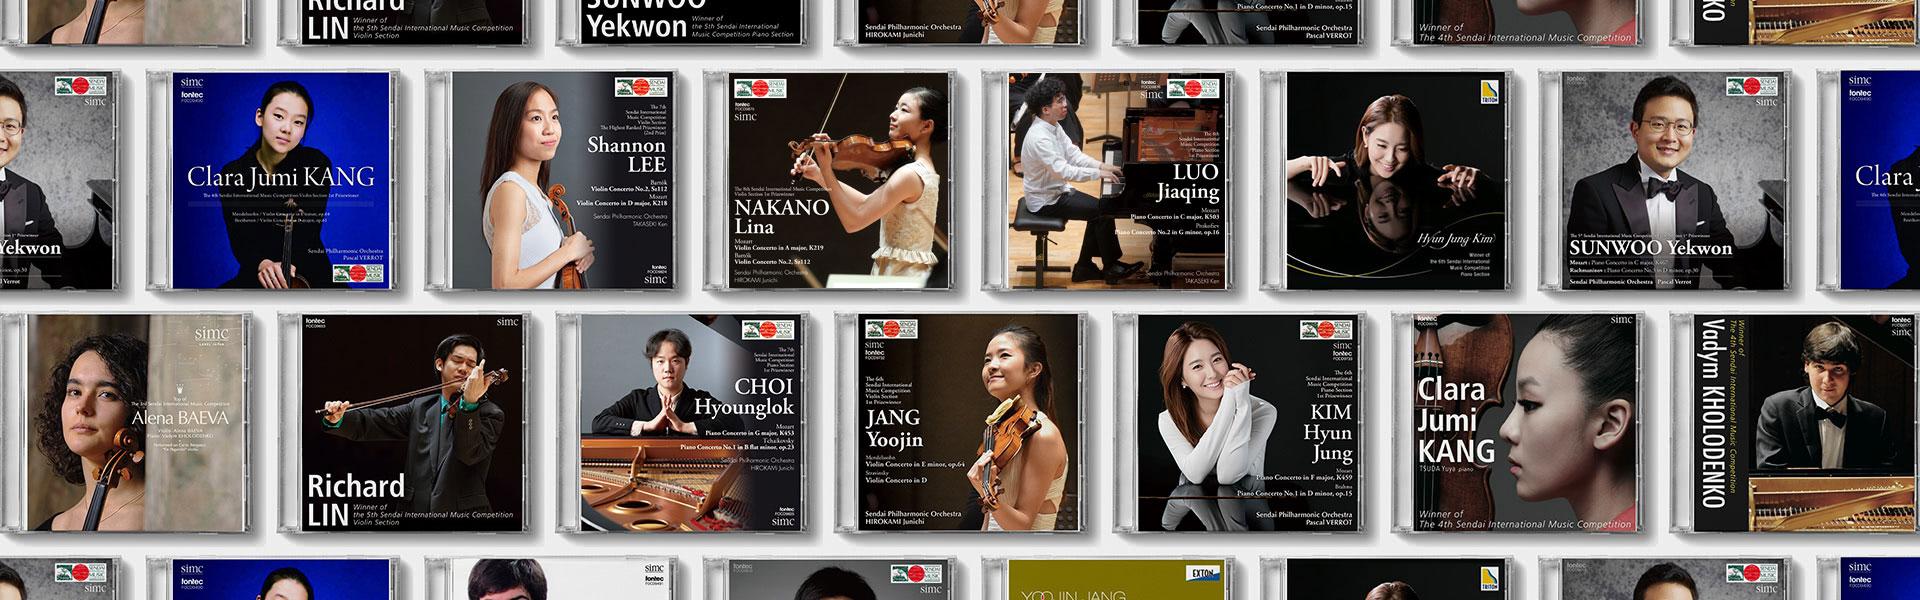 » 第5回仙台国際音楽コンクール公式CD ソヌ・イェゴン